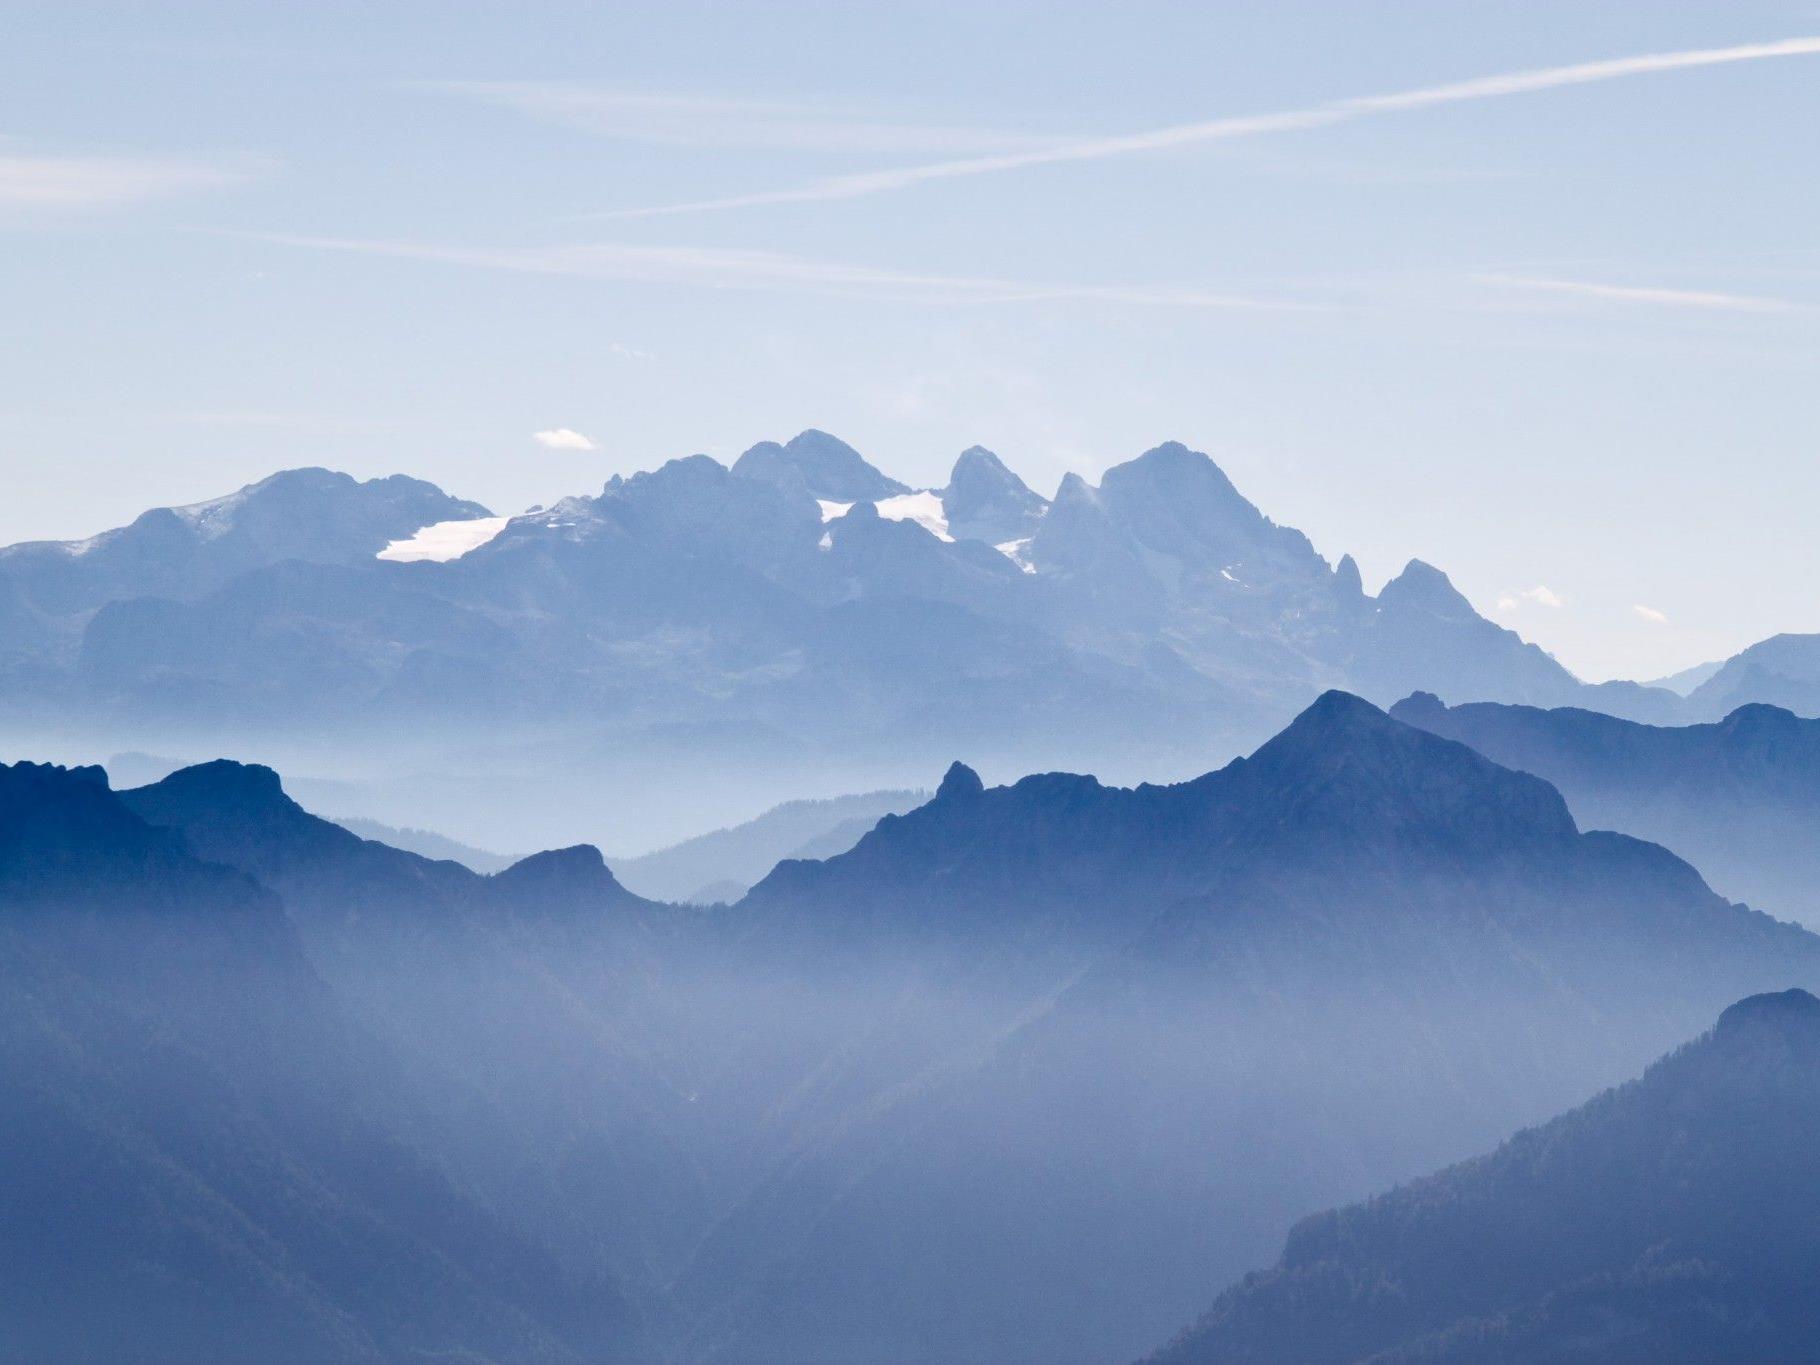 Der 32-jährige Bergsteiger fiel am Dachstein drei Meter tief in die Spalte und landete auf einer Schneebrücke.